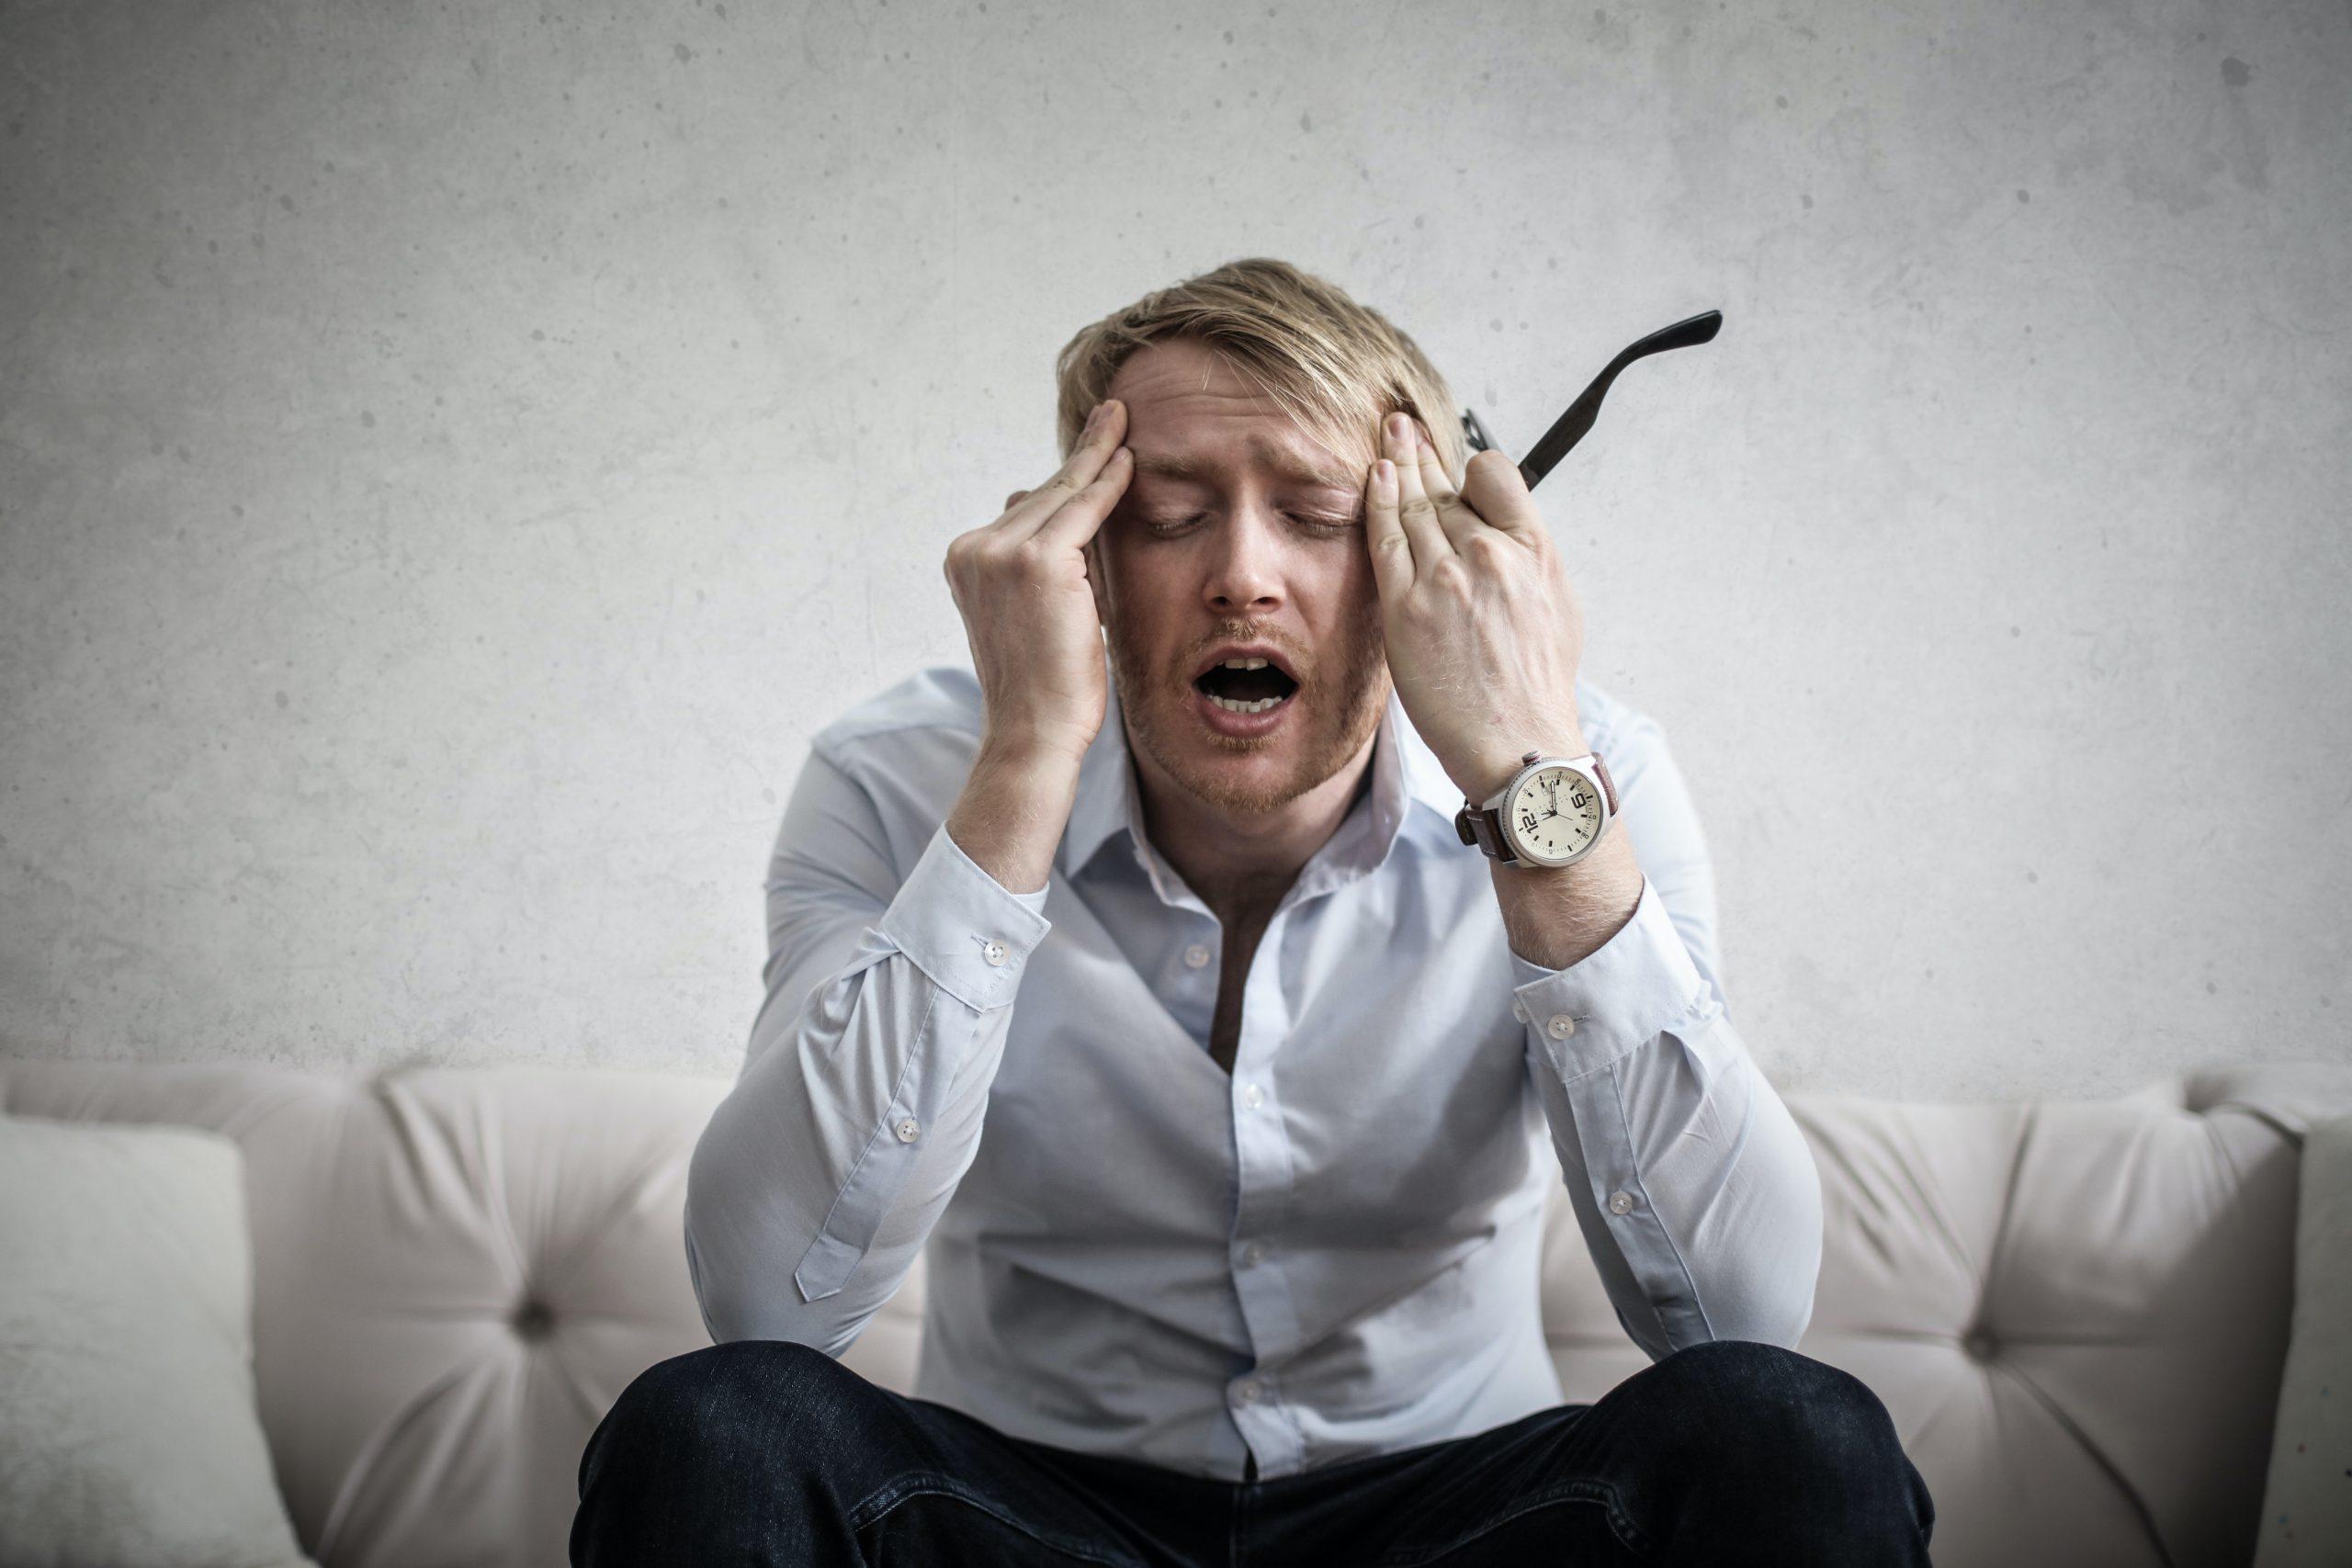 5 วิธี ผ่อนคลายความเครียดจากการทำงานวิจัย